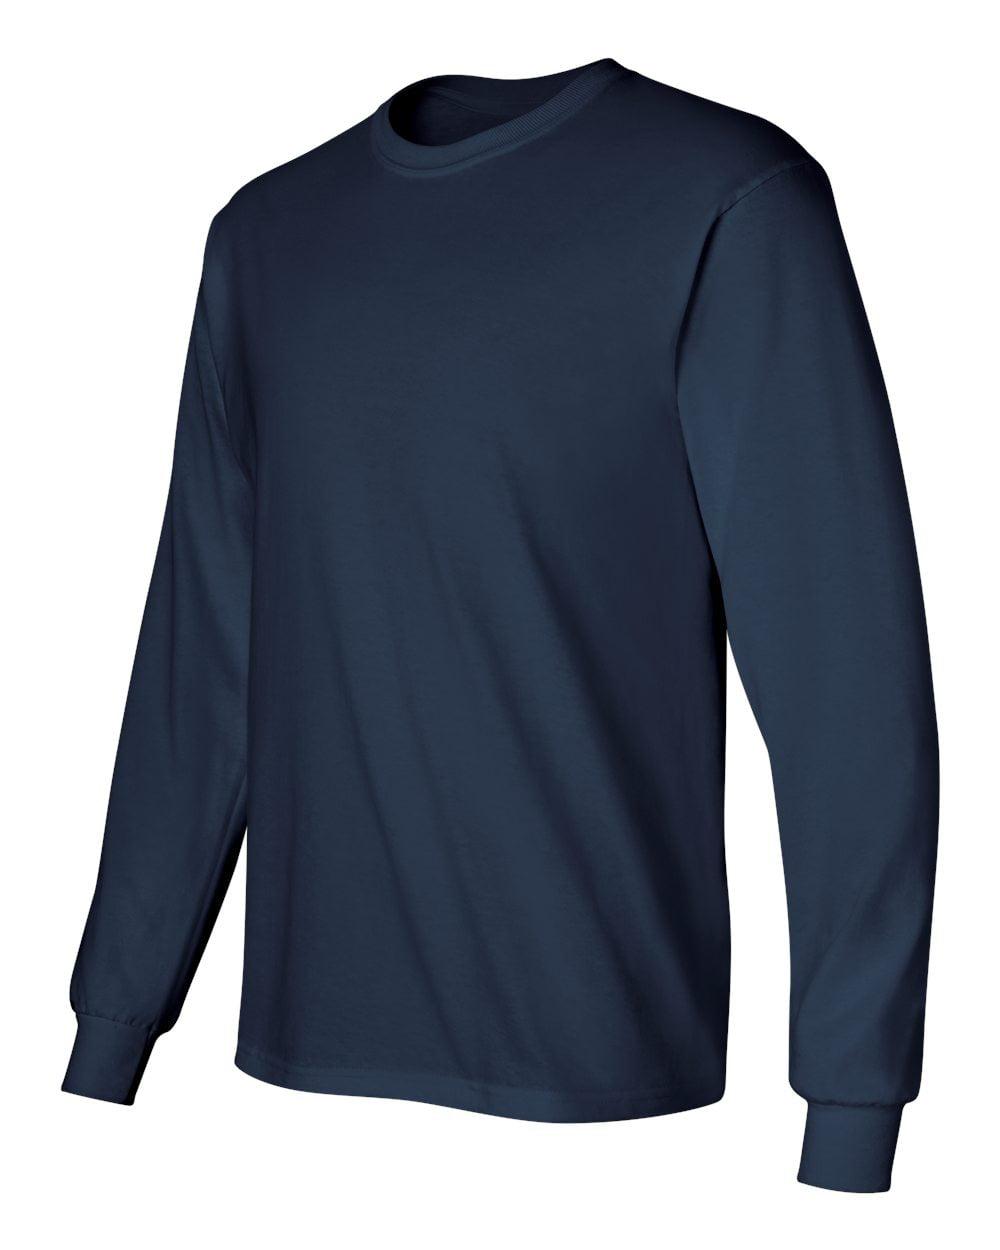 Safety Green Adult Gildan Long Sleeve Ultra Cotton t-shirt-Mens Tops